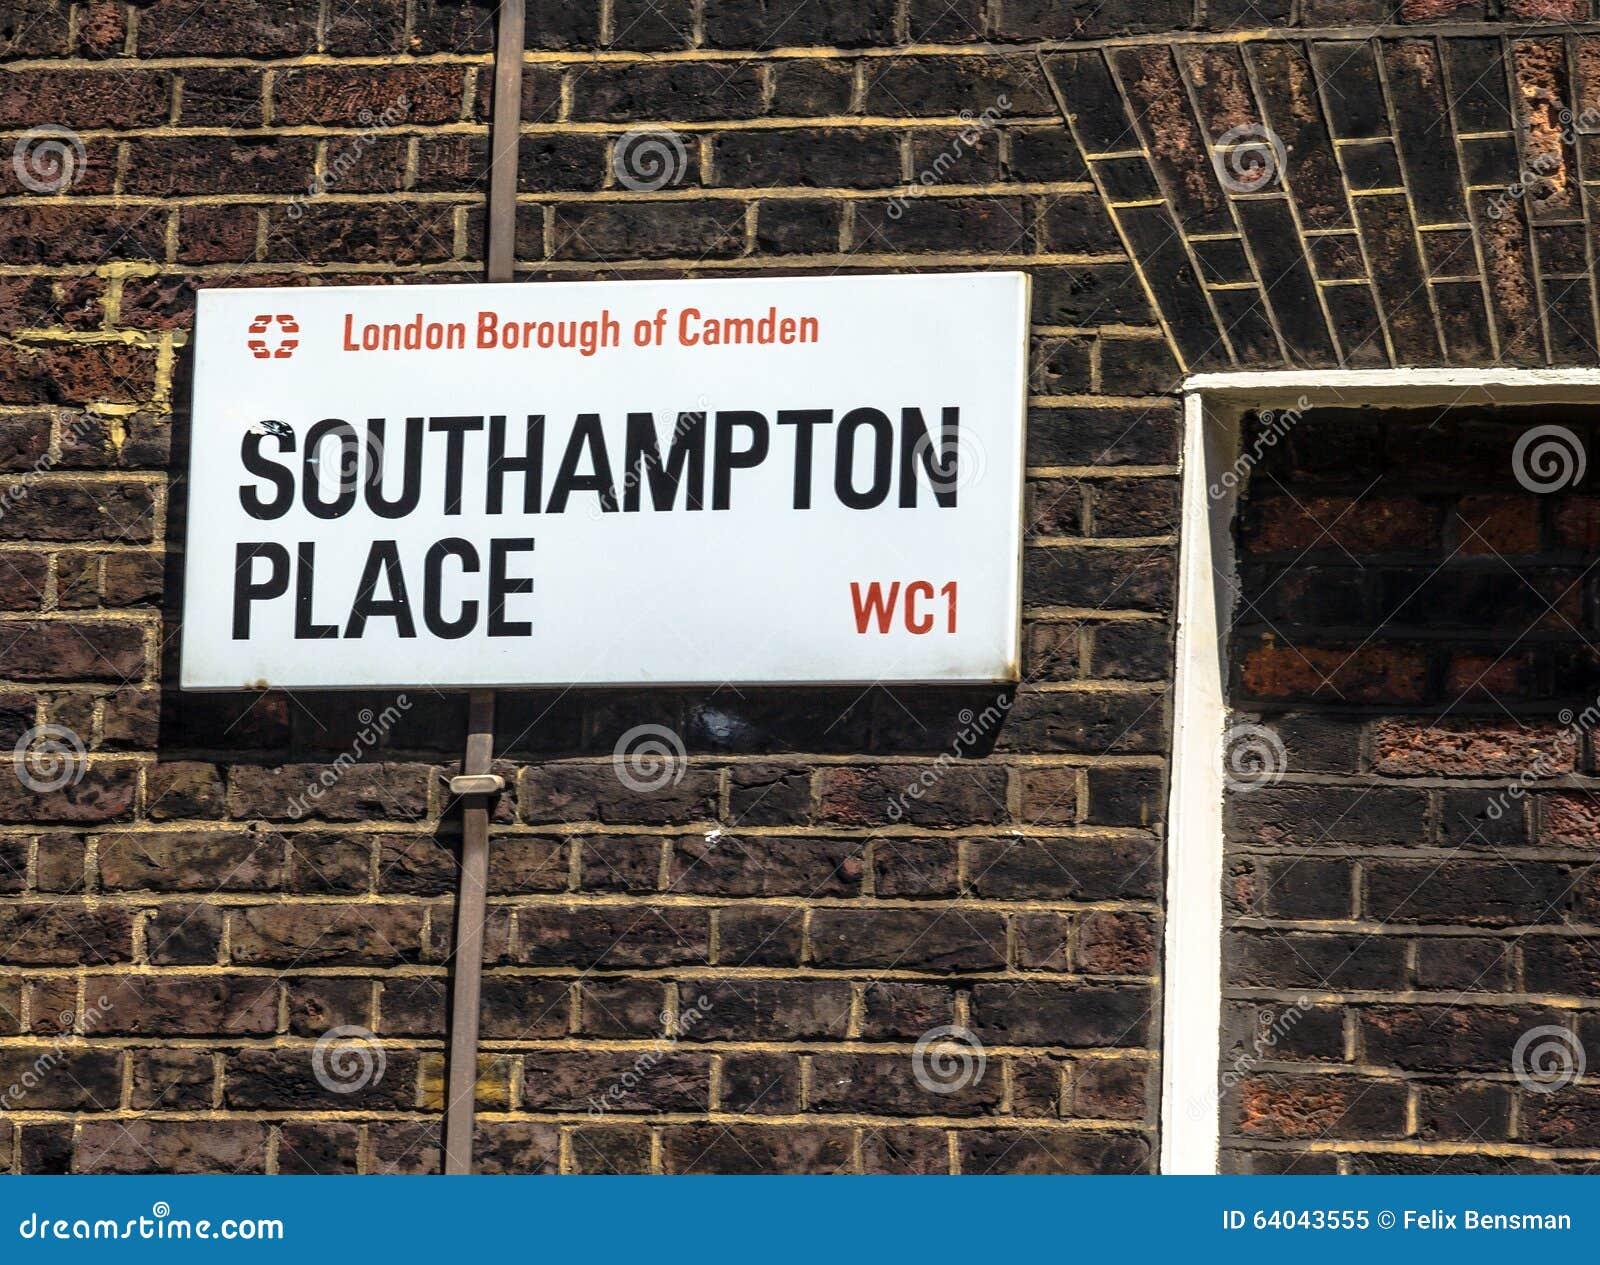 Σημάδι οδών της θέσης Southampton στο δήμο Κάμντεν στο κεντρικό Λονδίνο, Ηνωμένο Βασίλειο